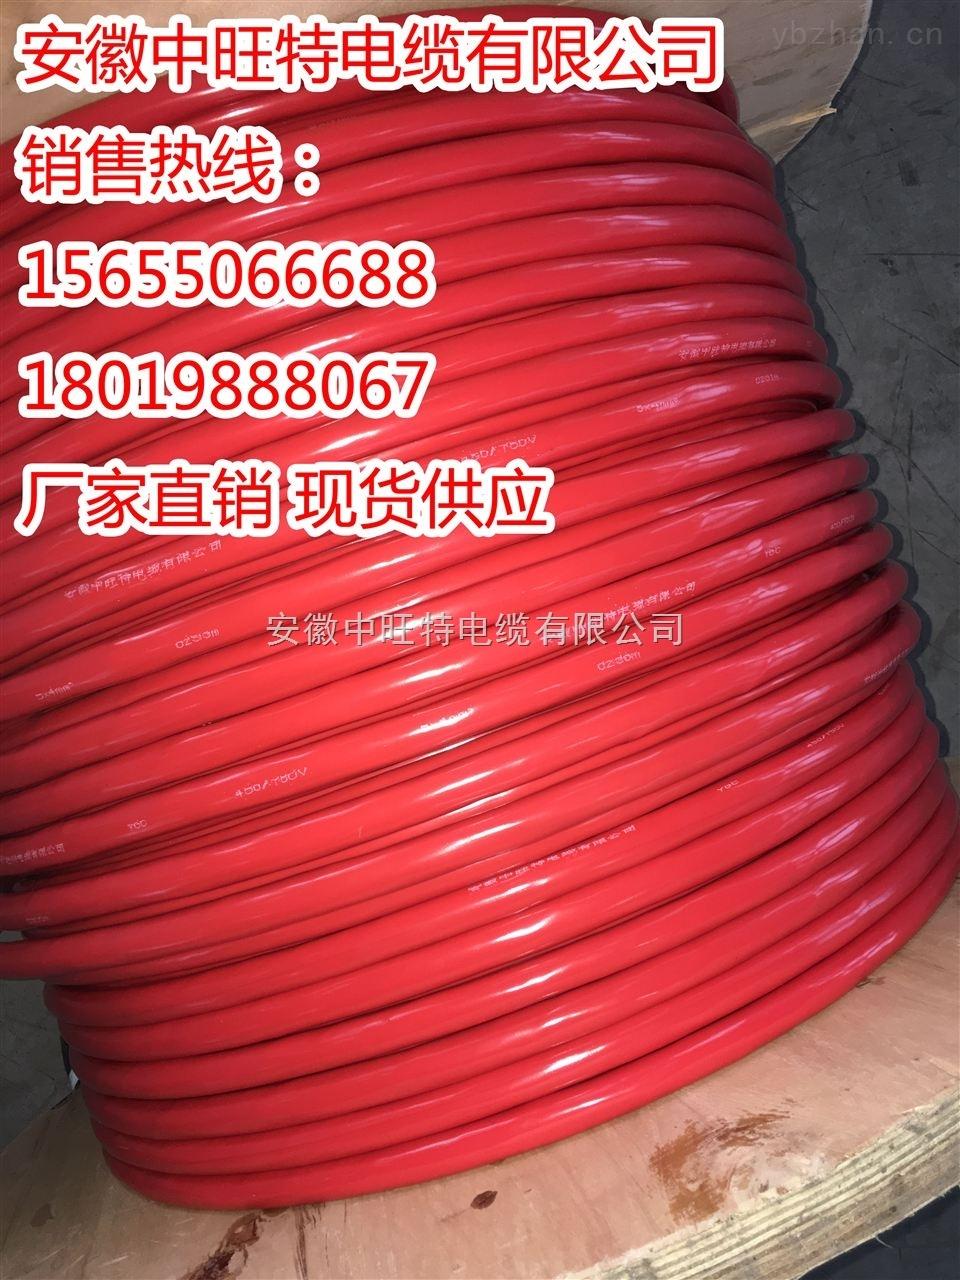 屏蔽硅橡胶控制软电缆